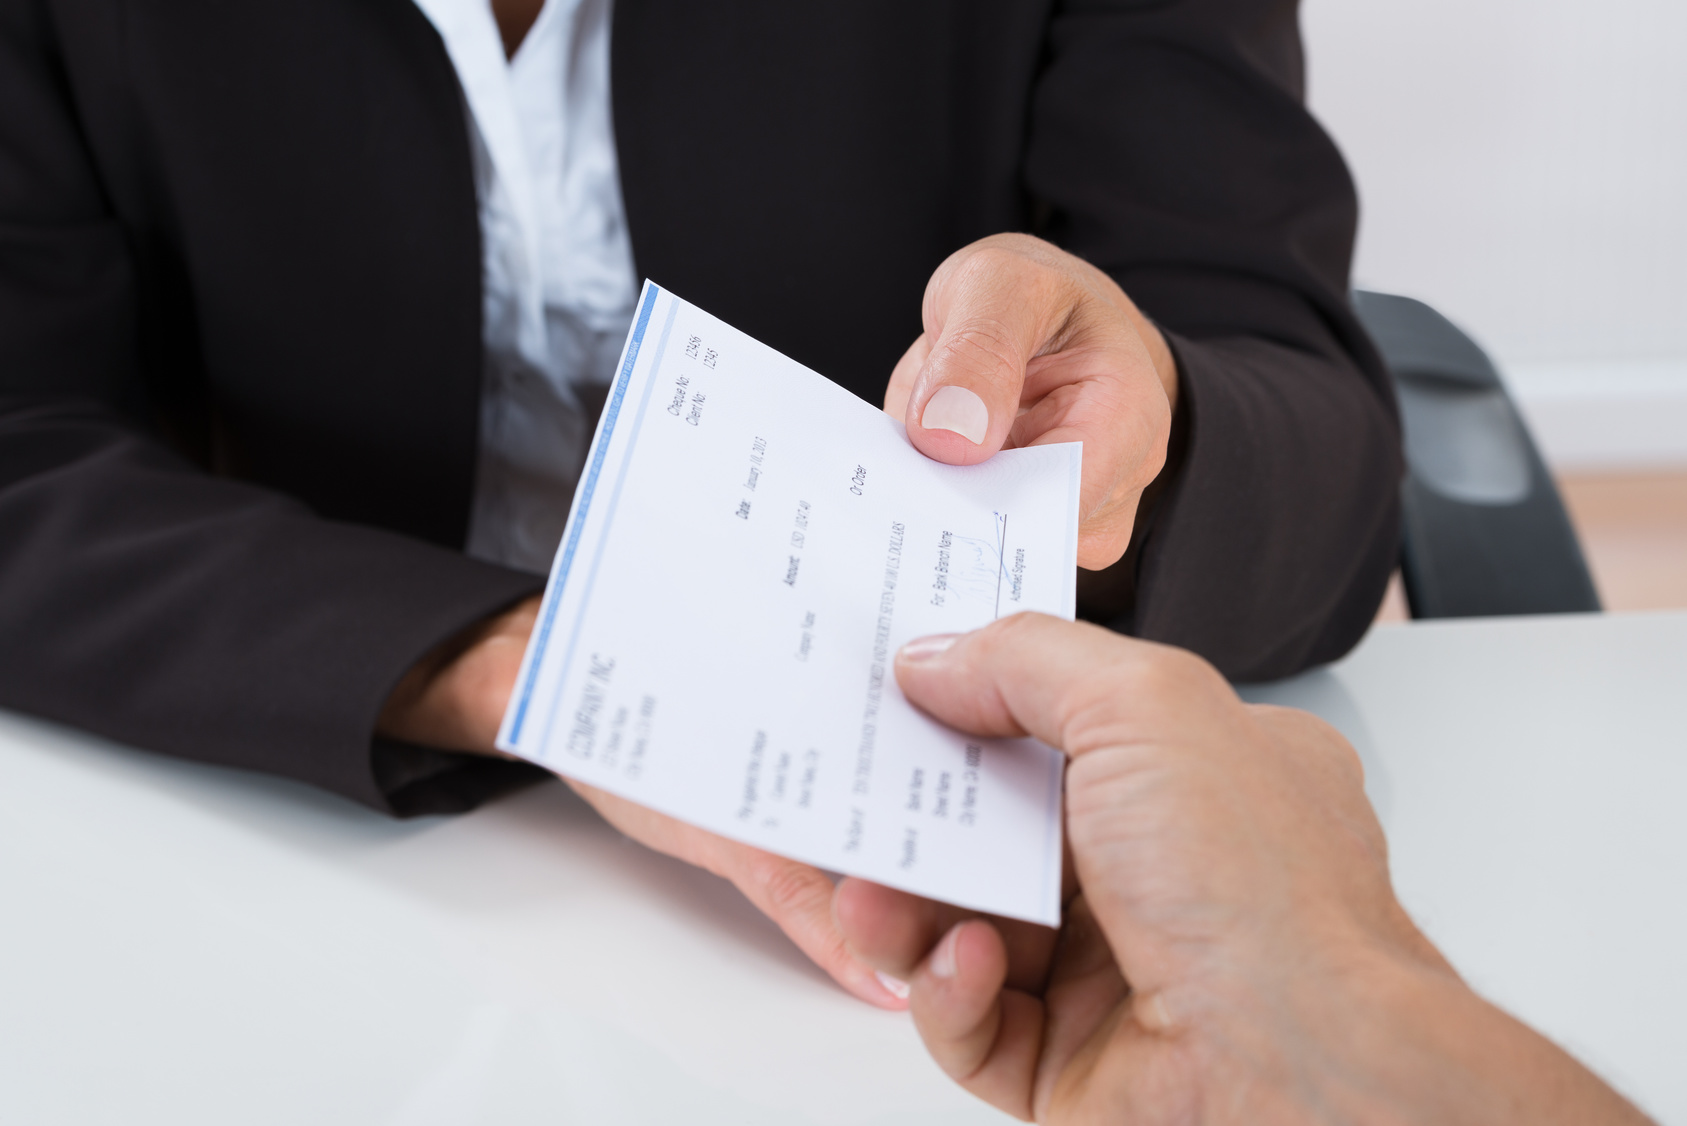 Увольнение по соглашению сторон, выплаты, запись в трудовой и другие нюансы